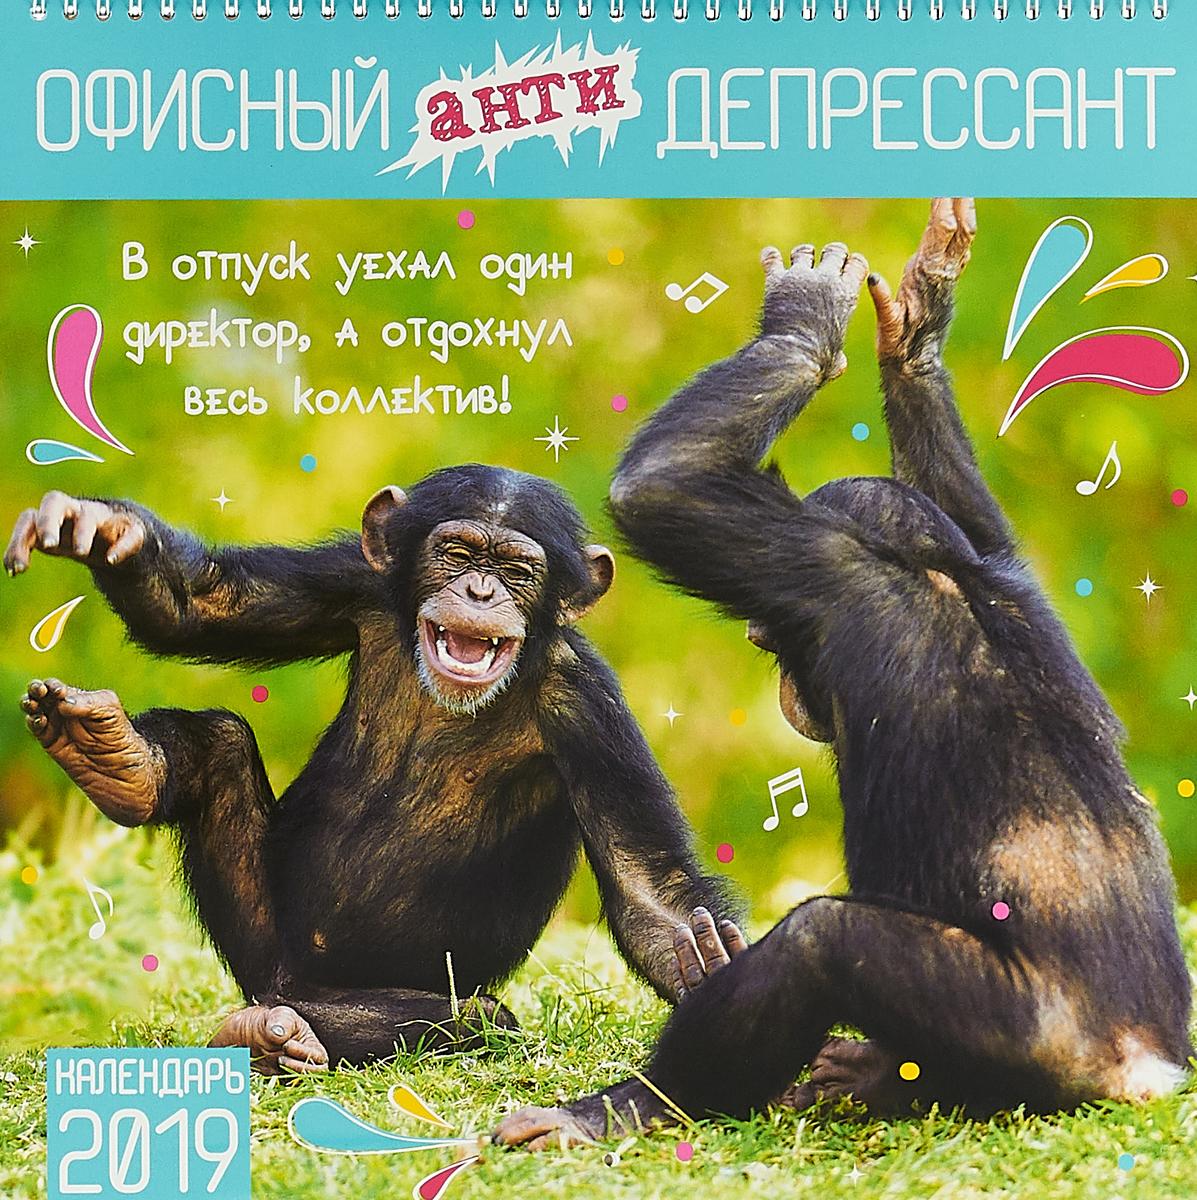 Календарь на спирали на 2019 год. Офисный календарь календарь на спирали на 2019 год русь православная